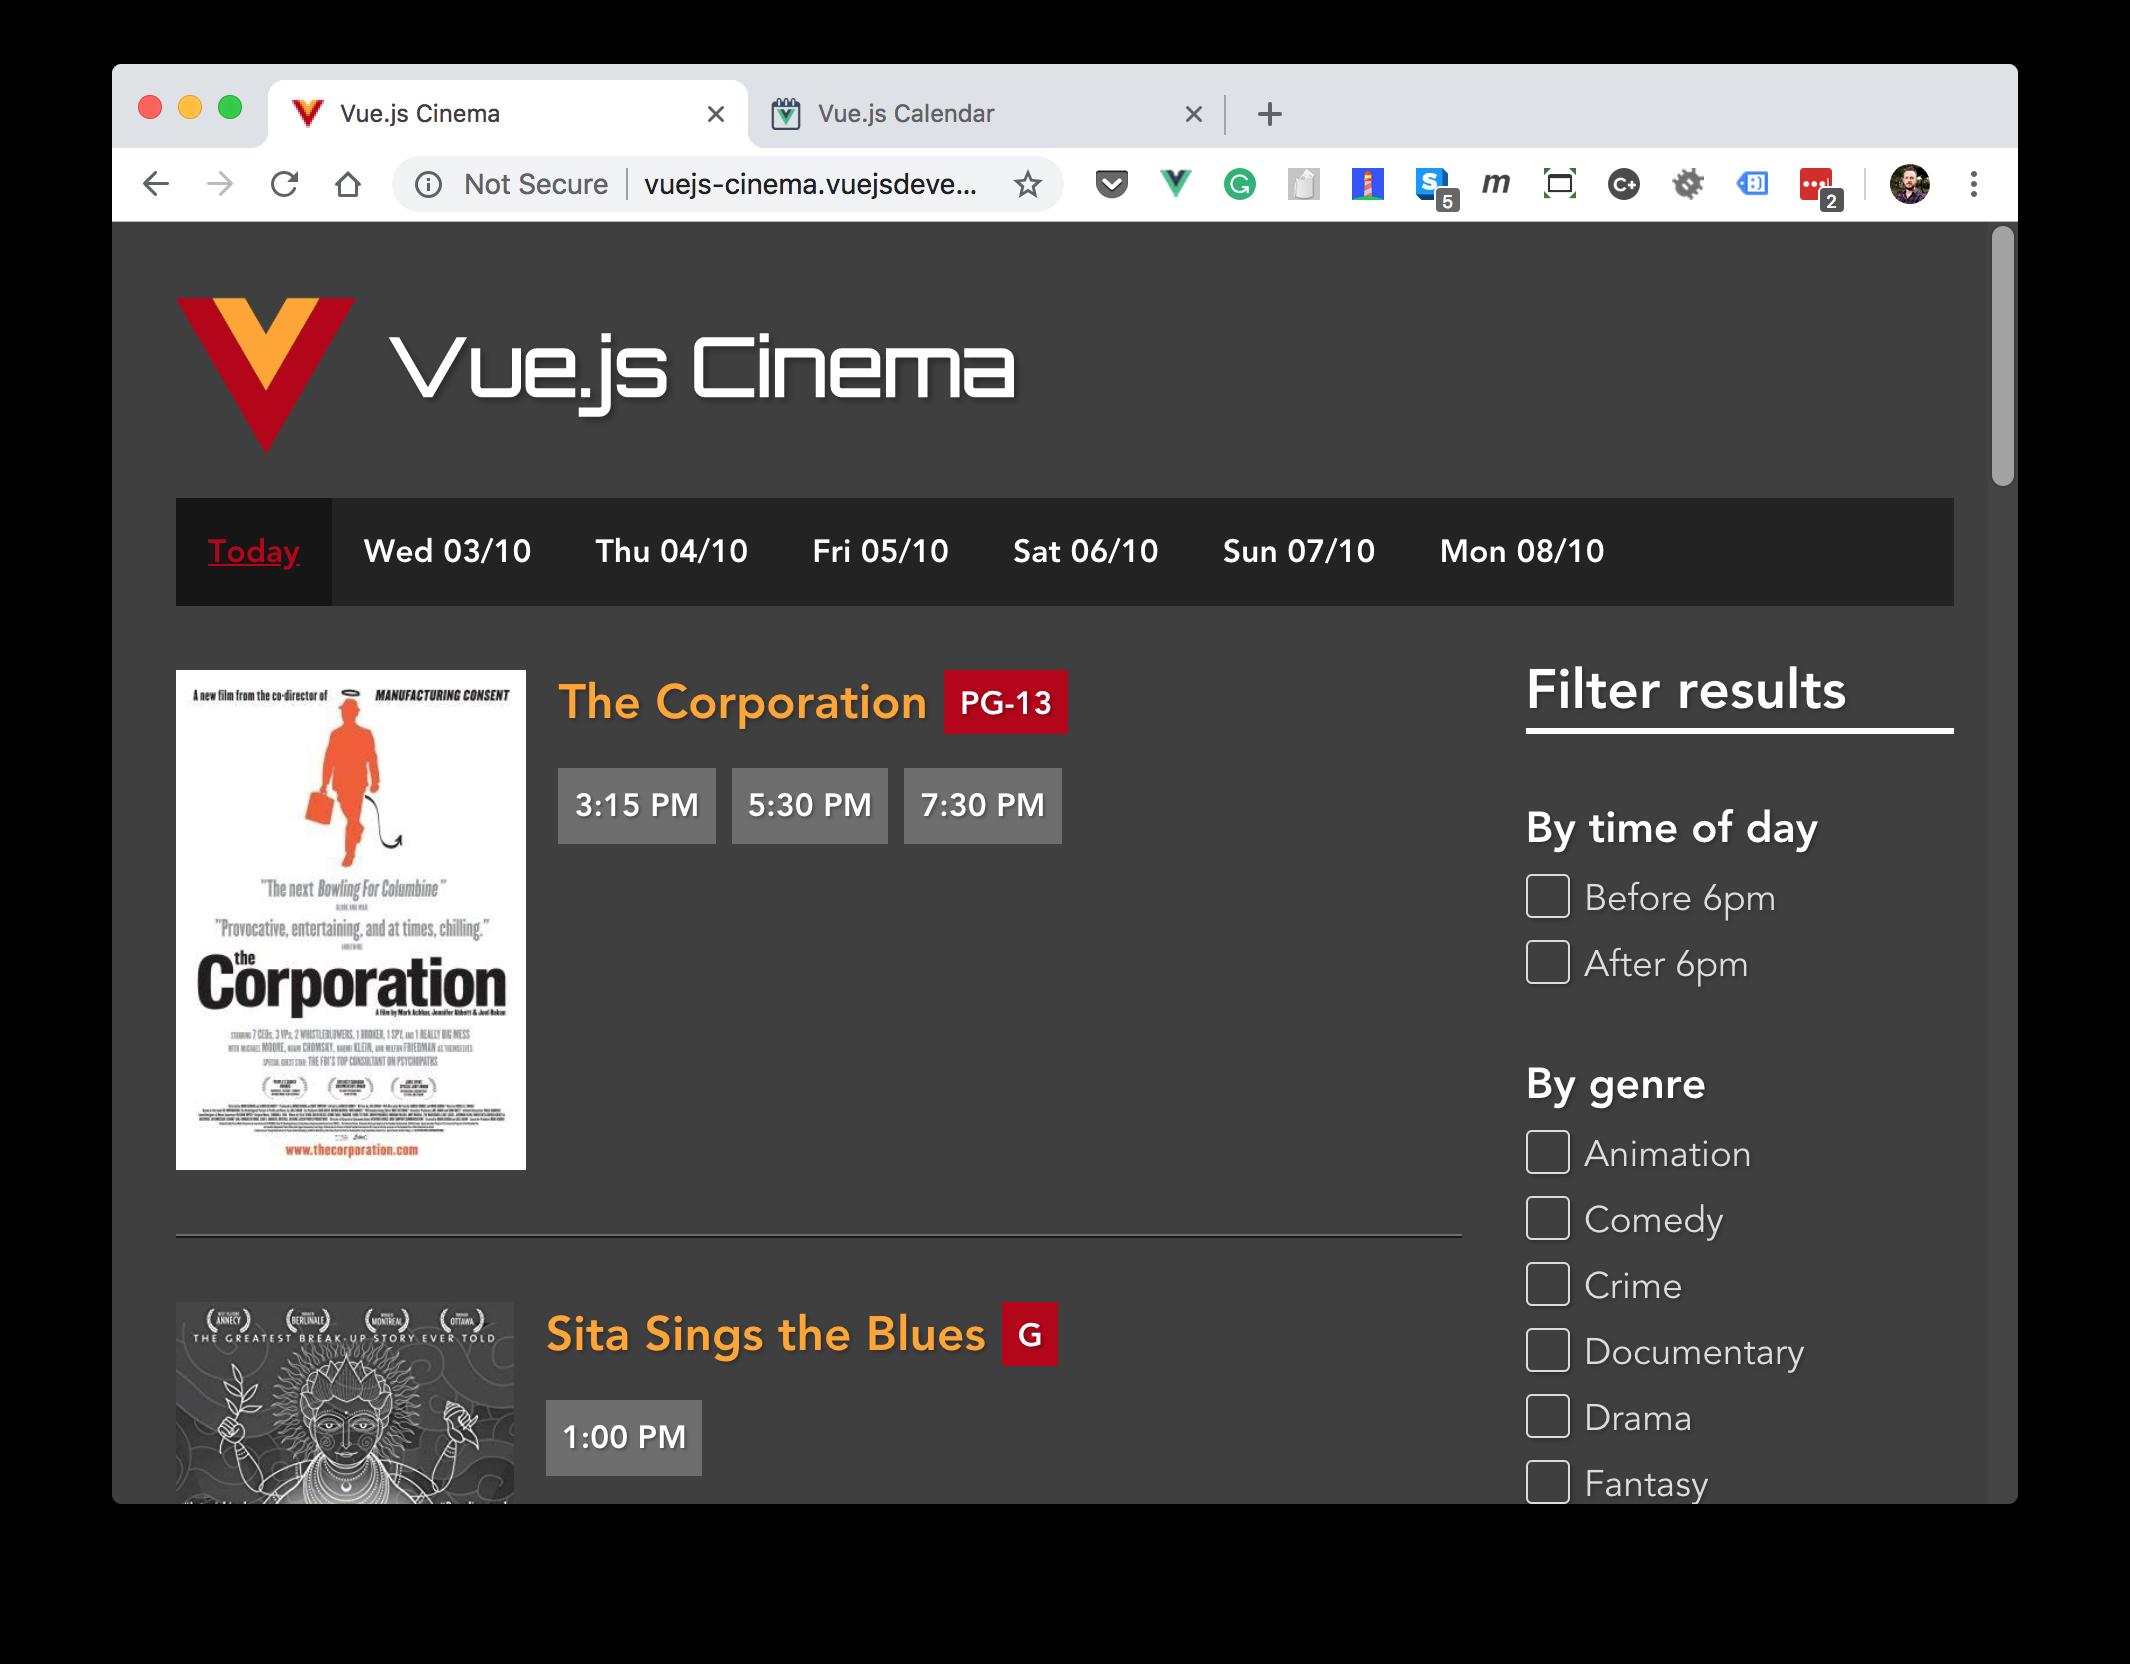 Vue.js Cinema